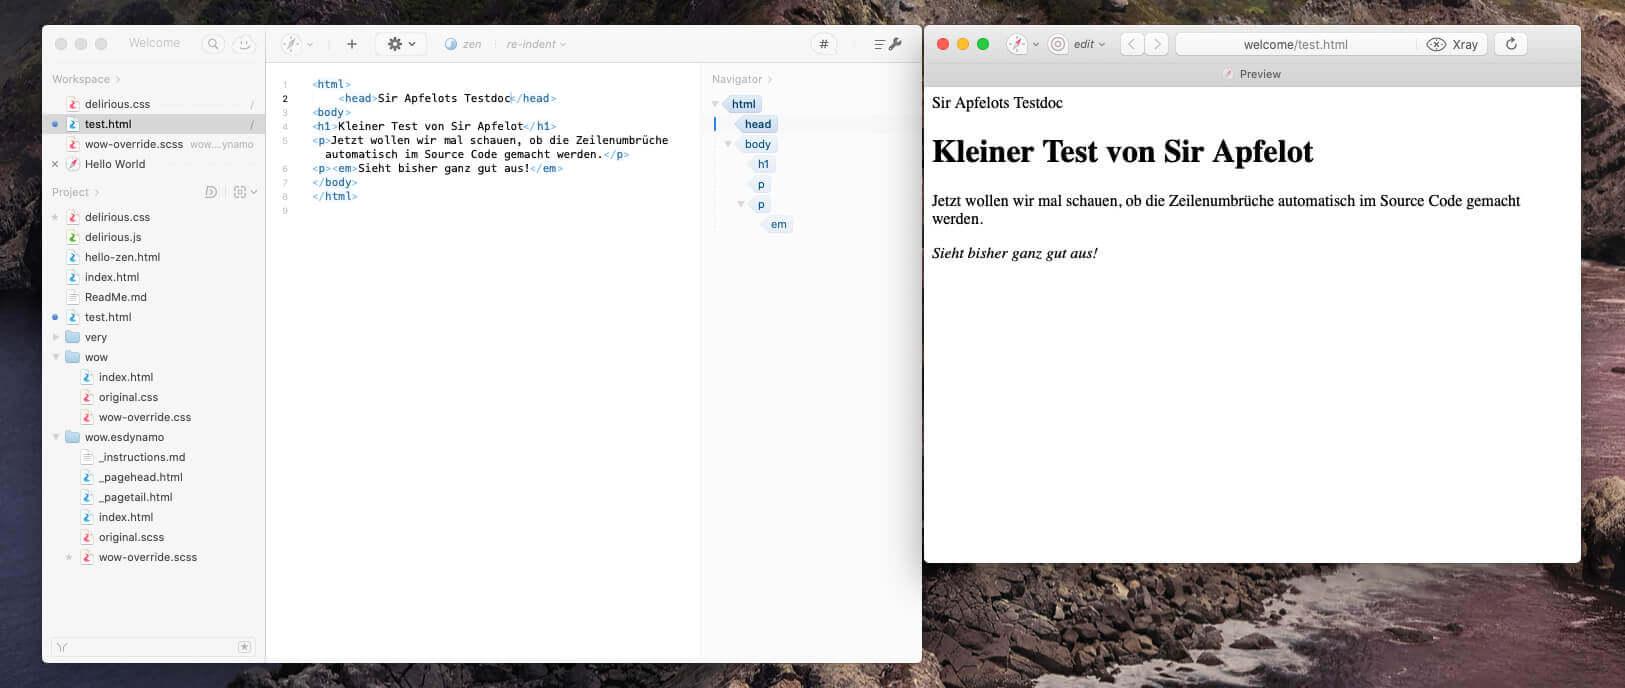 gelöst] Kostenloser WYSIWYG HTML Editor für den Mac